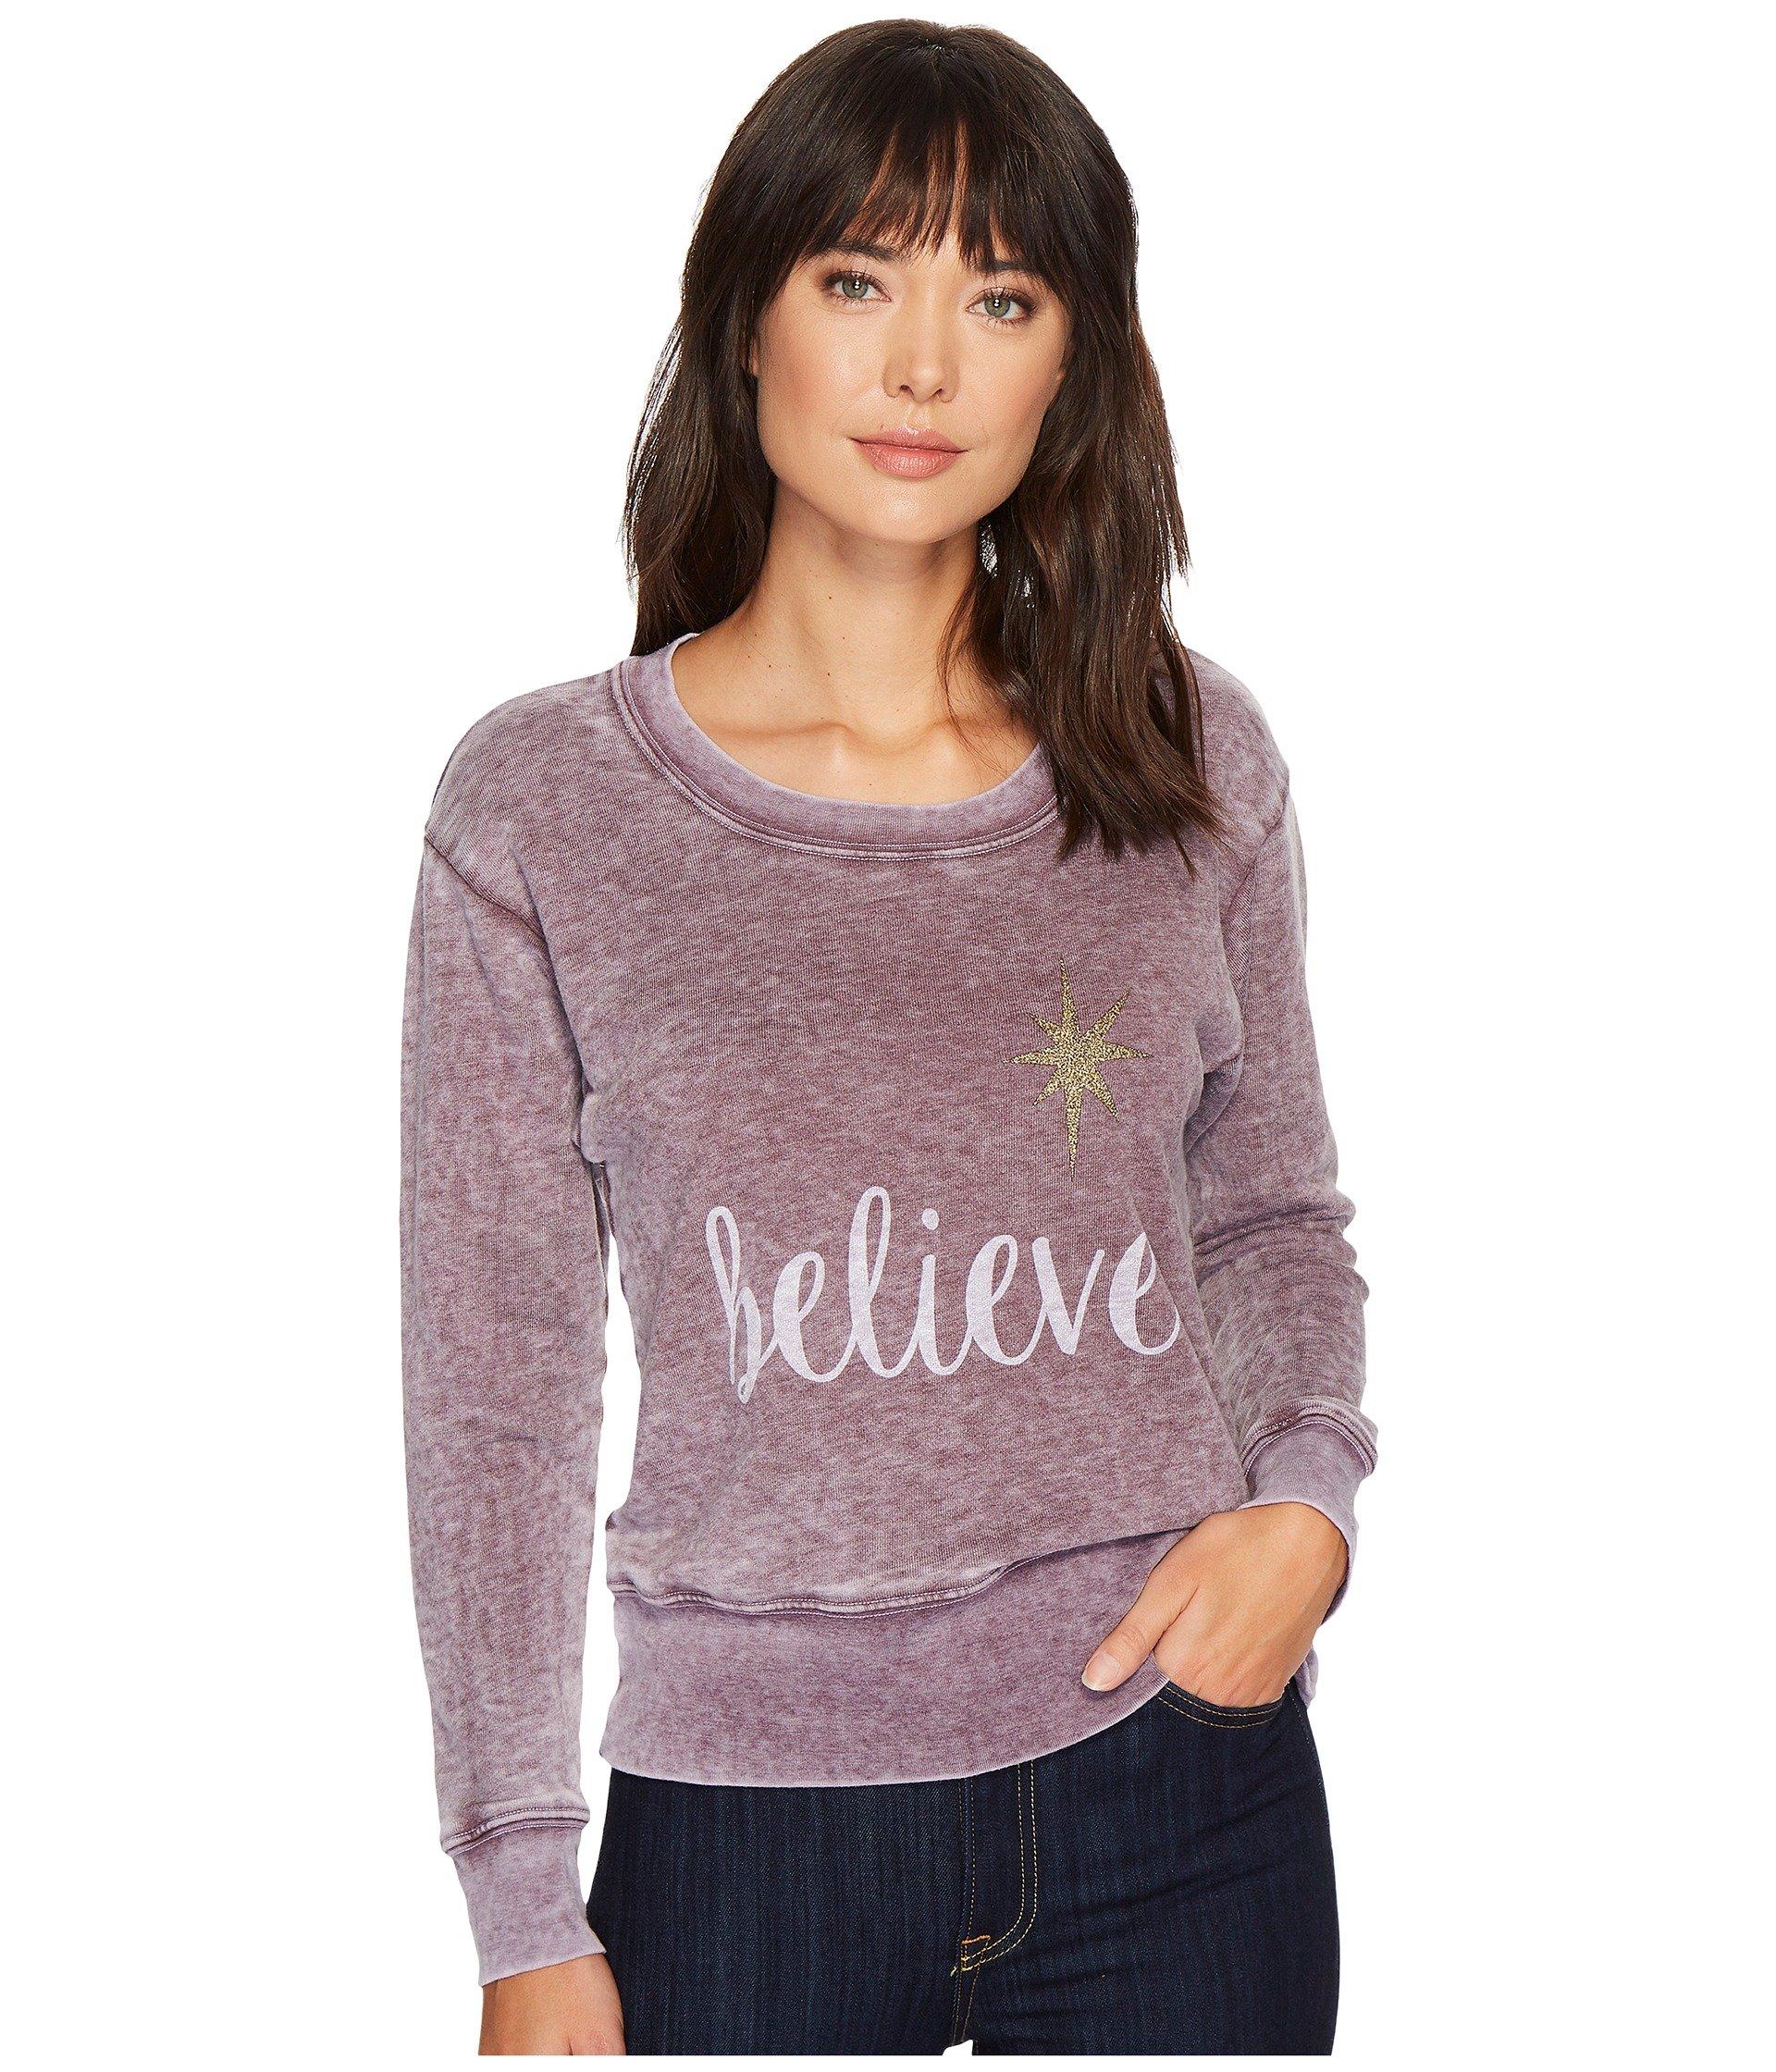 ALLEN ALLEN Believe Sweatshirt, Plum Raisin